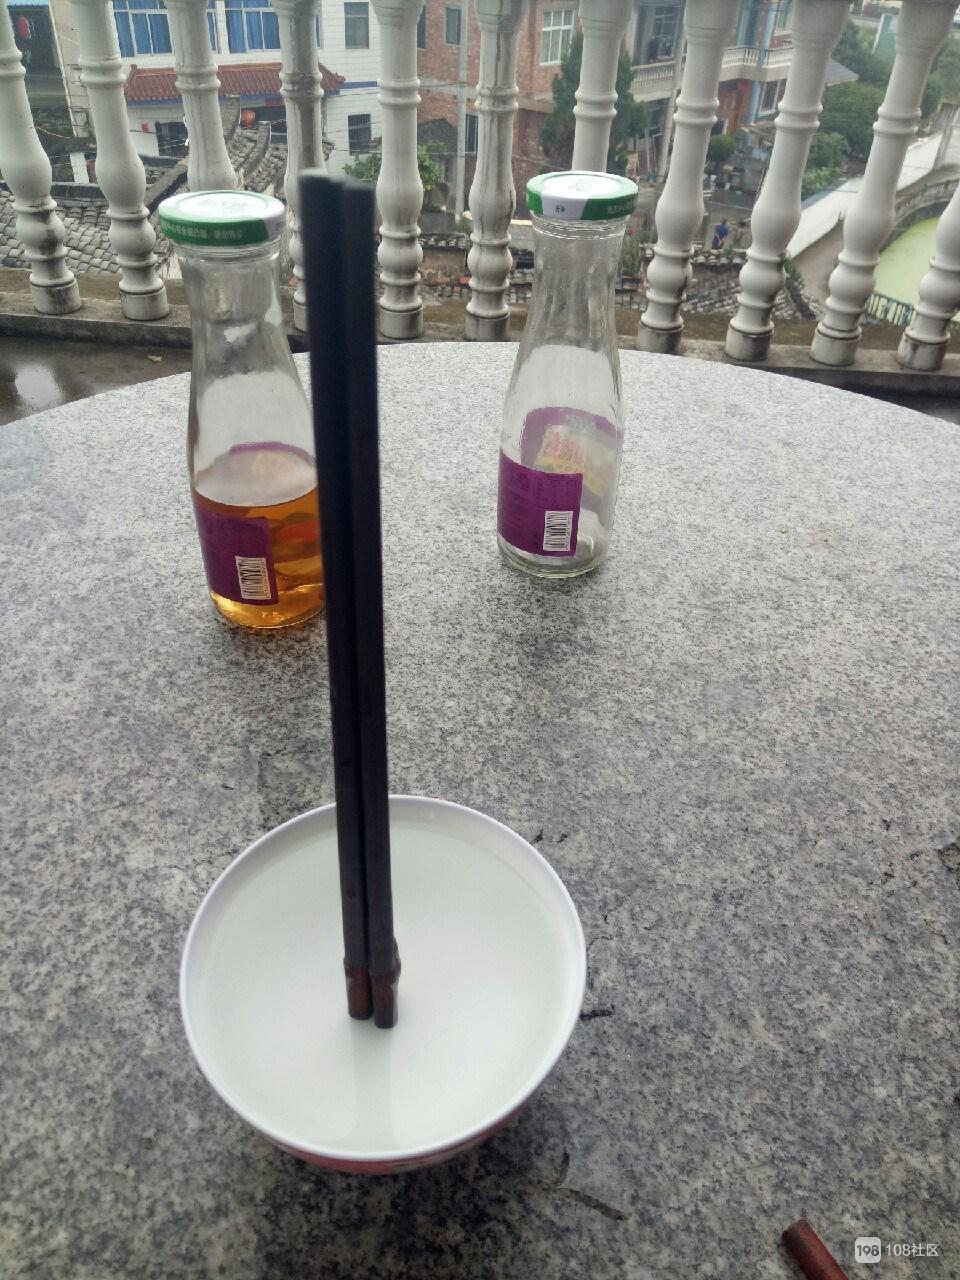 急急急!三根筷子立在碗中不倒,我是不是被诅咒了?